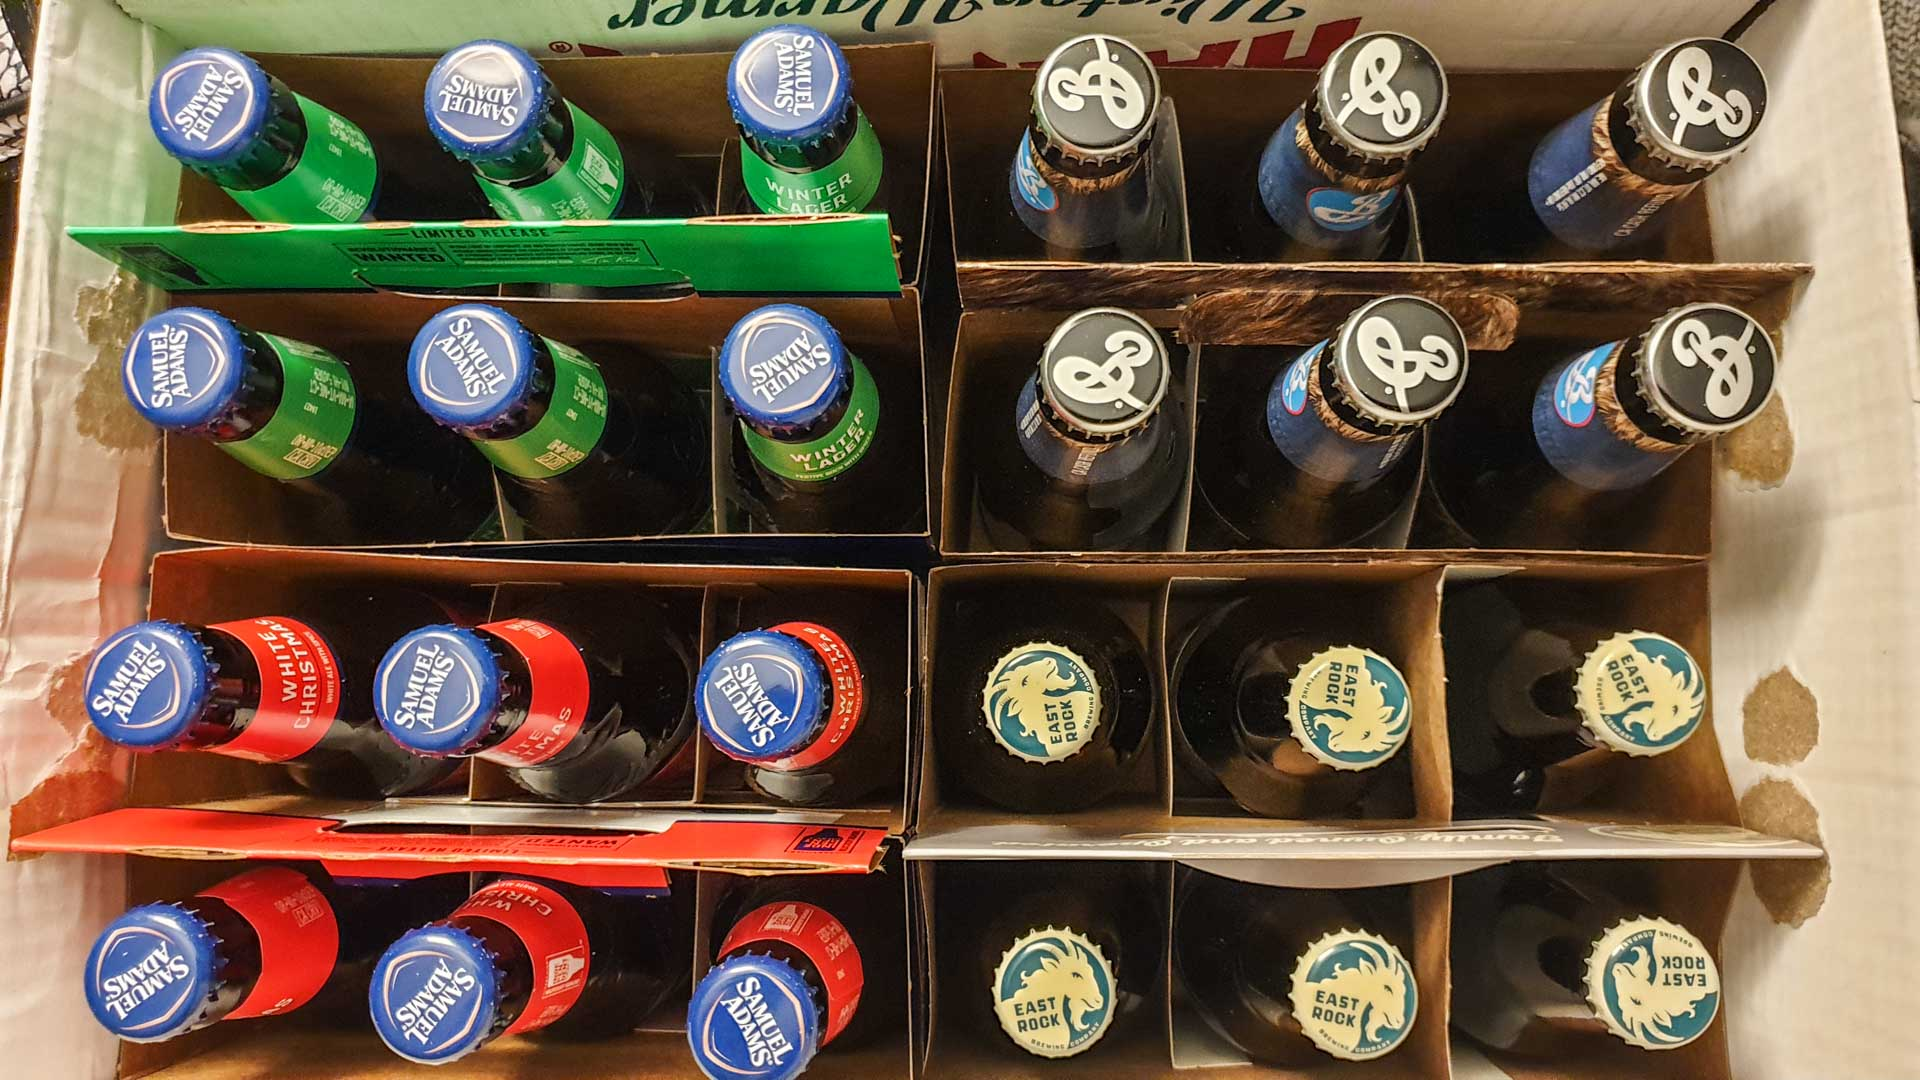 Il nostro acquisto di birre in totale vino, Milford, Connecticut